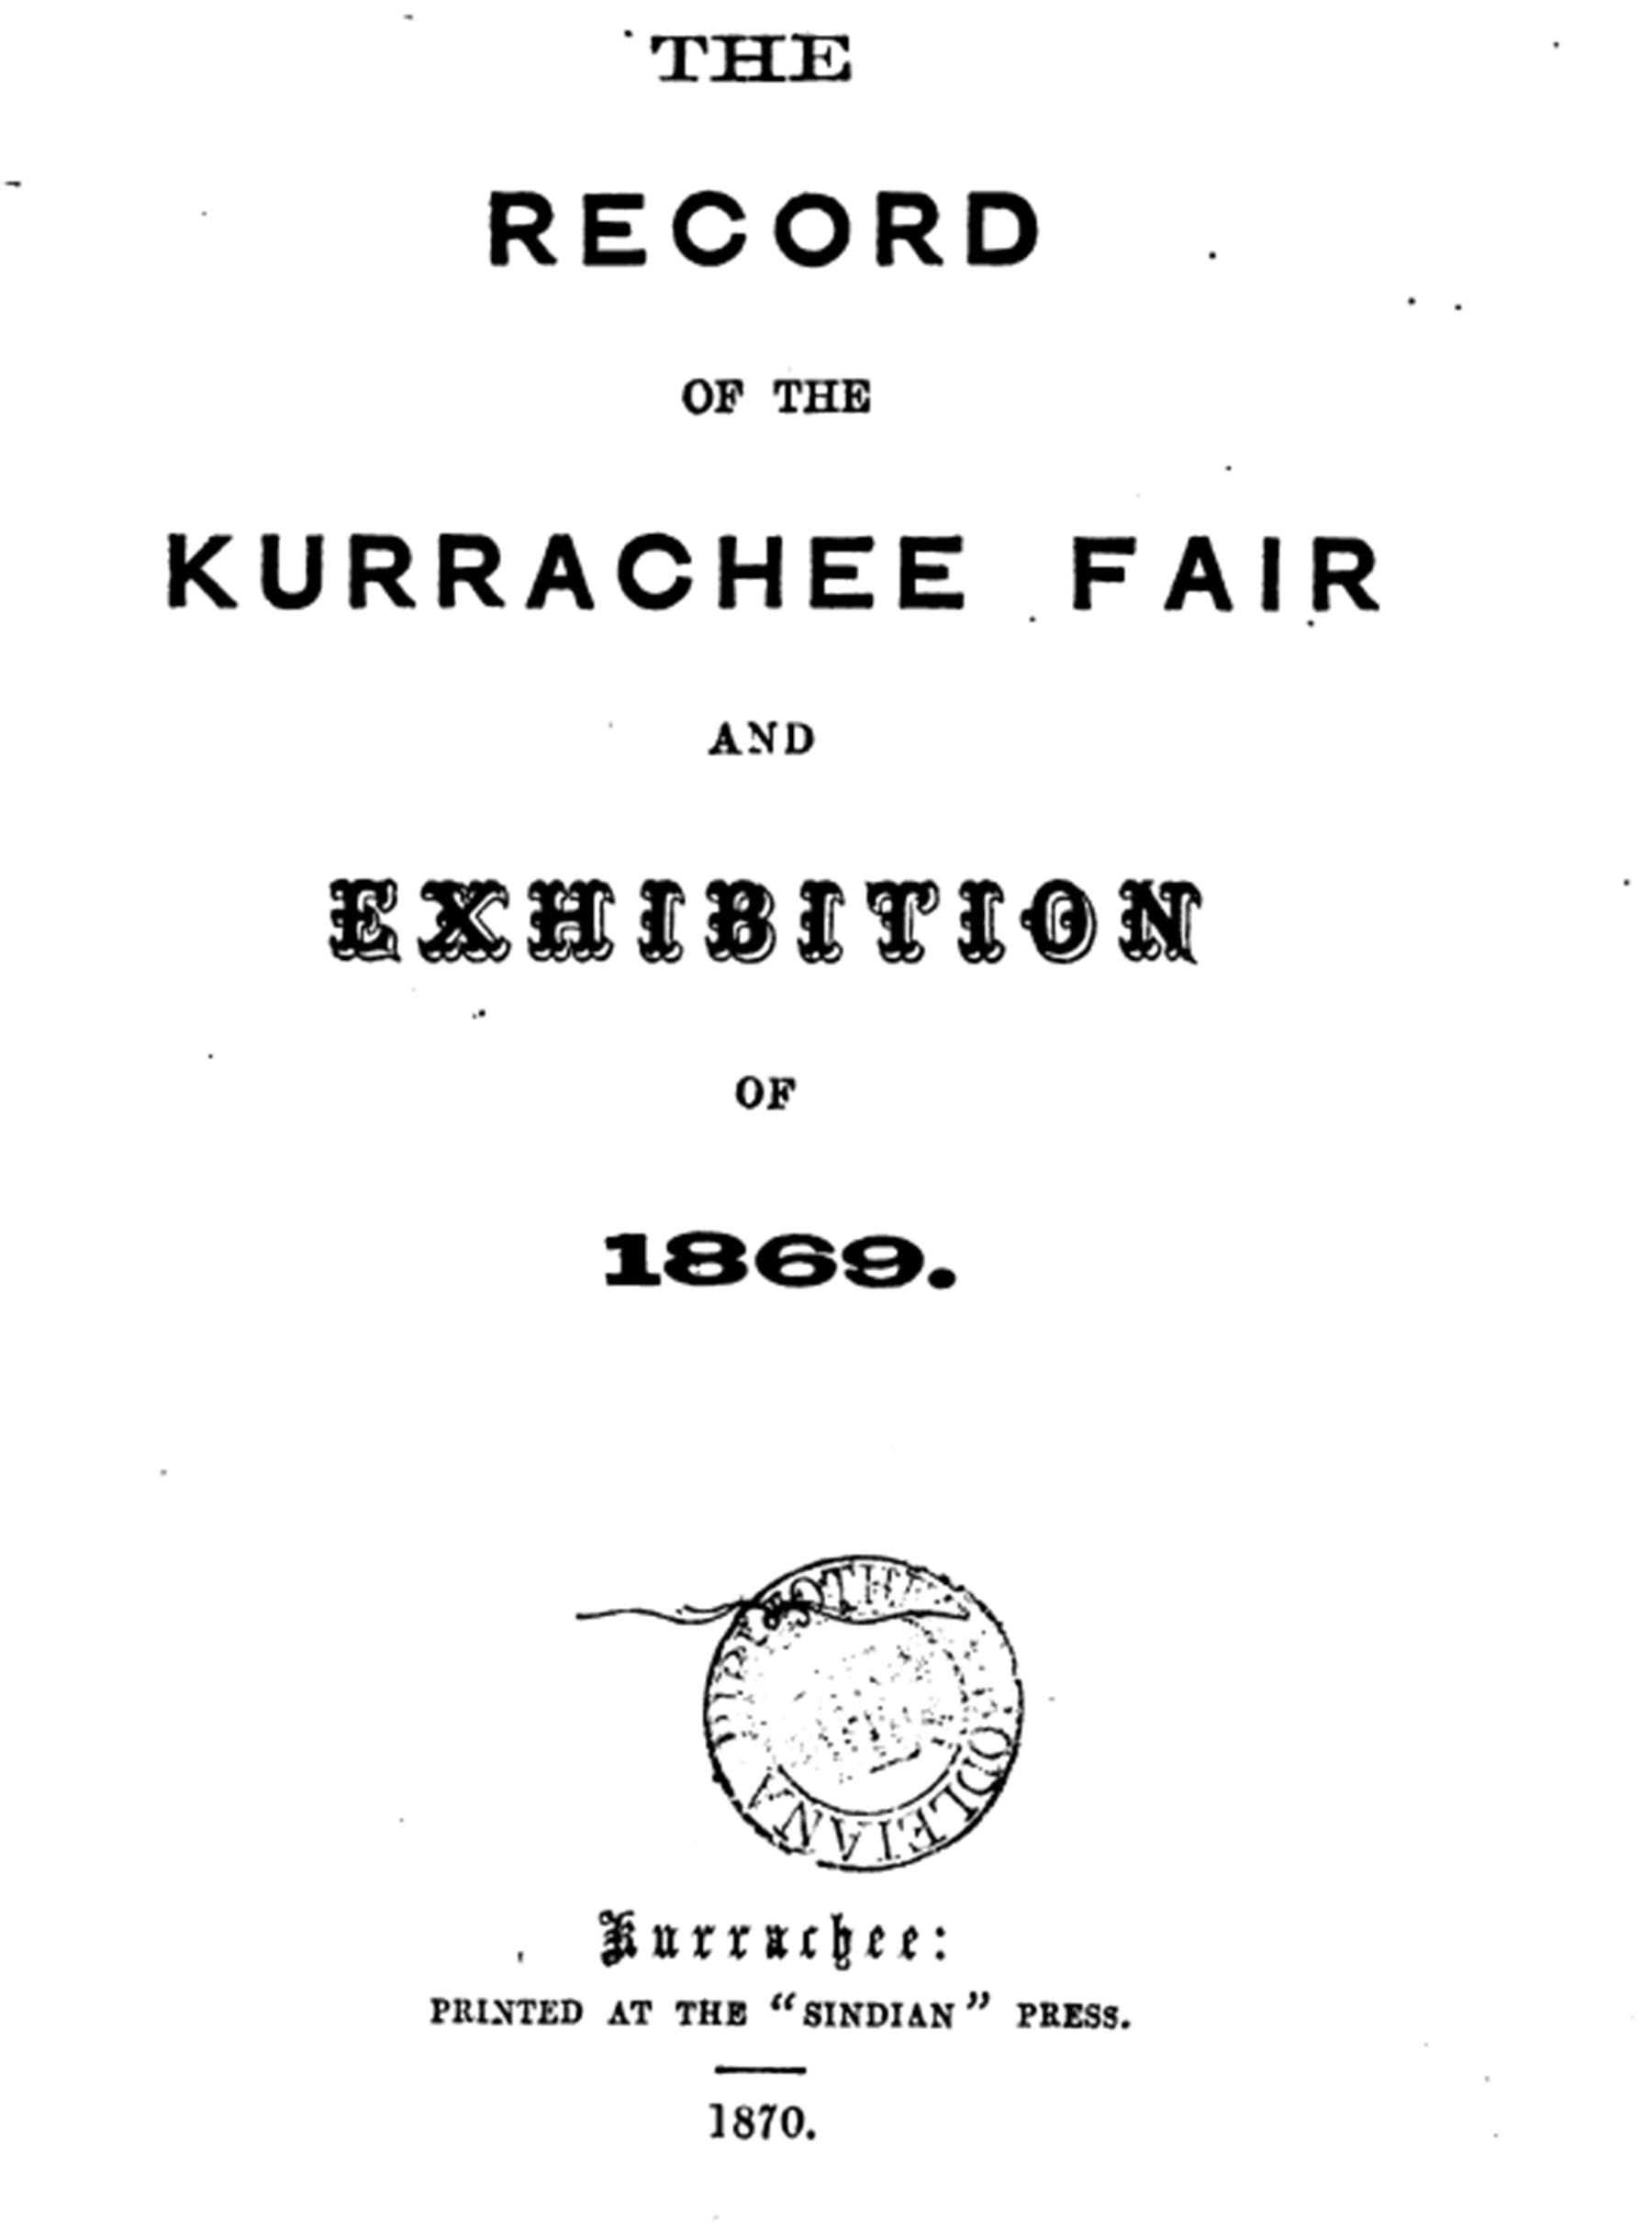 1869ء میں کراچی میں ہونے والی 'صنعتی نمائش' کا ریکارڈ